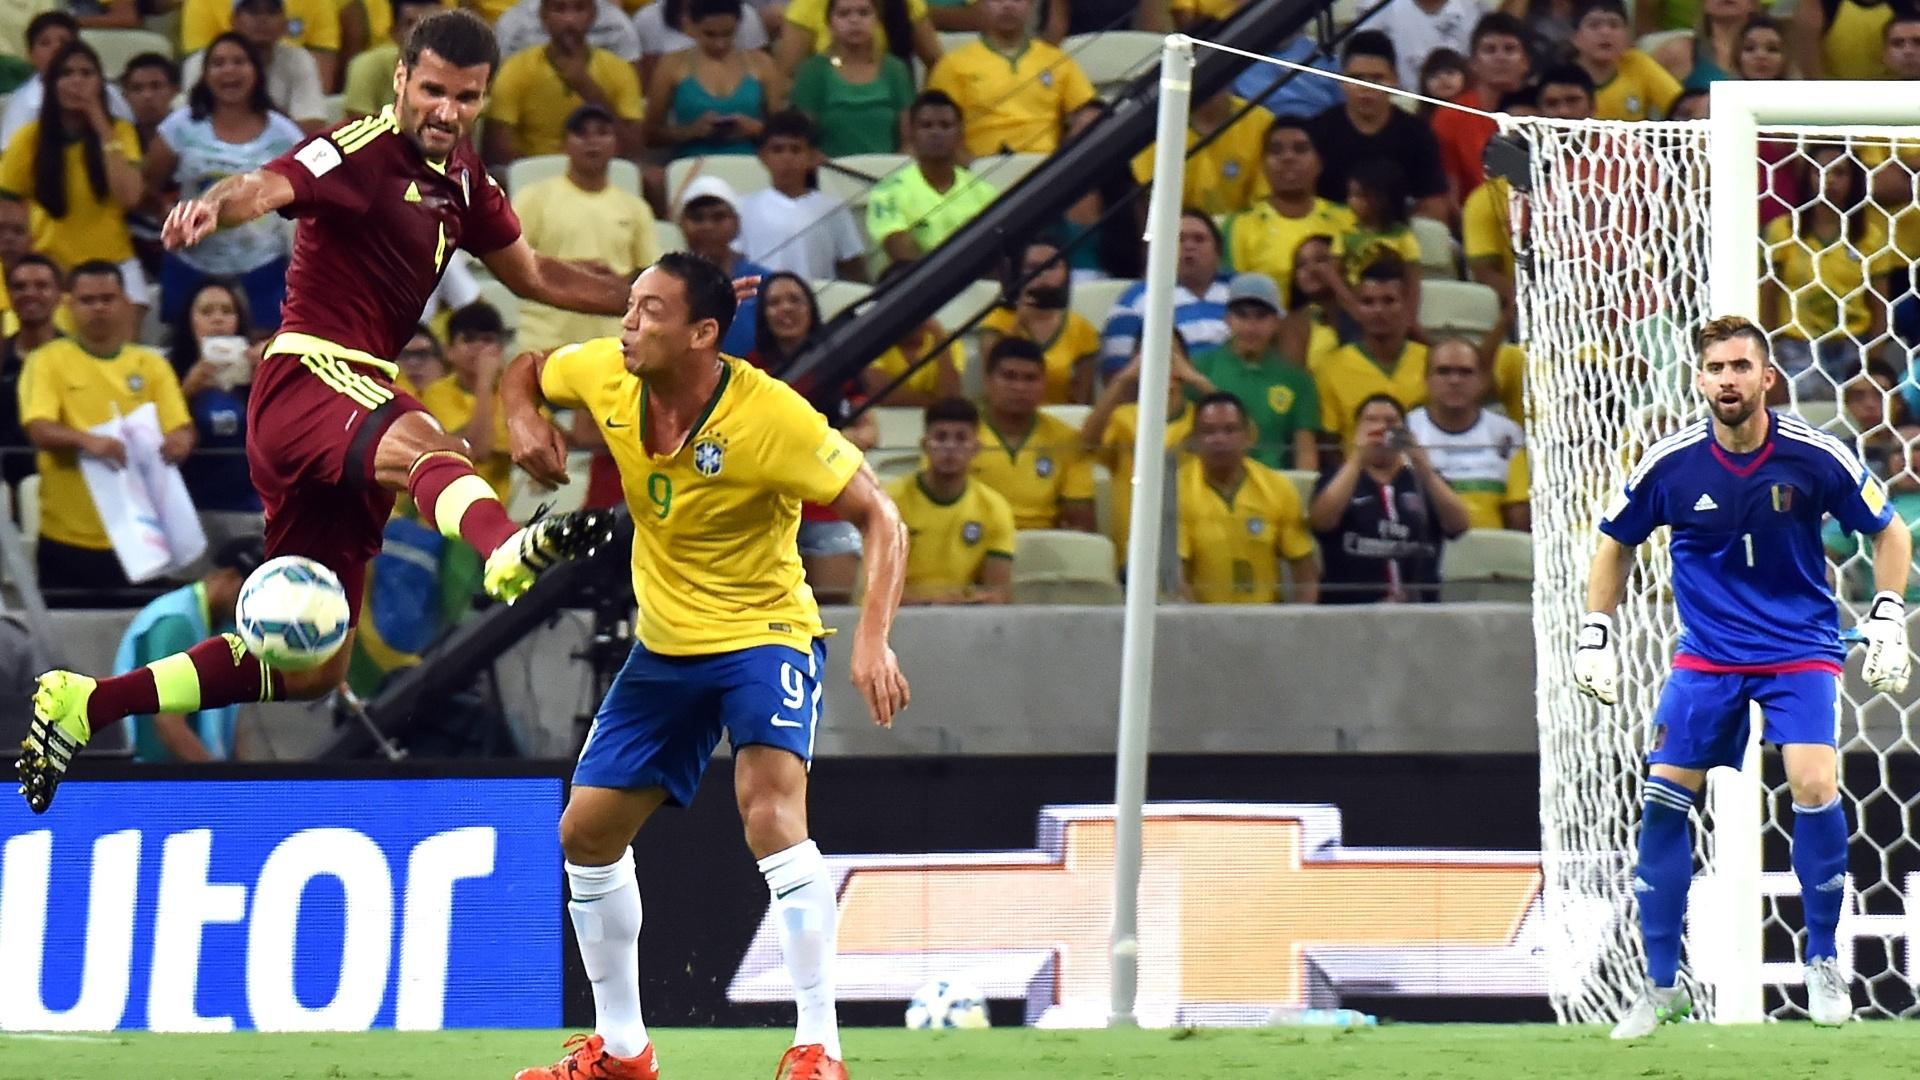 Titular contra a Venezuela, Ricardo Oliveira disputa bola no jogo do Brasil pelas Eliminatórias